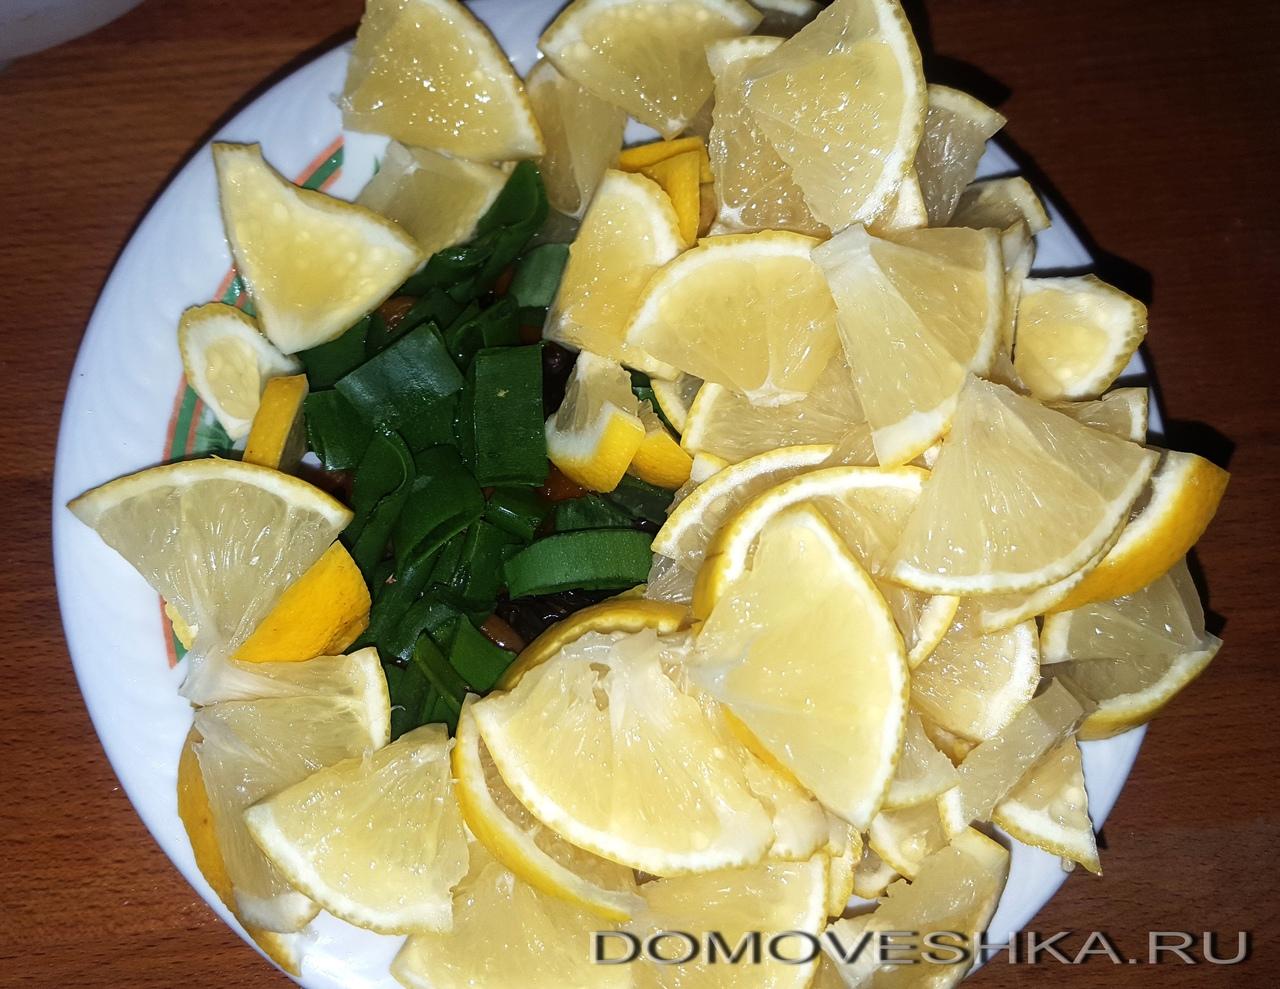 Лимон и алое для витаминной смеси